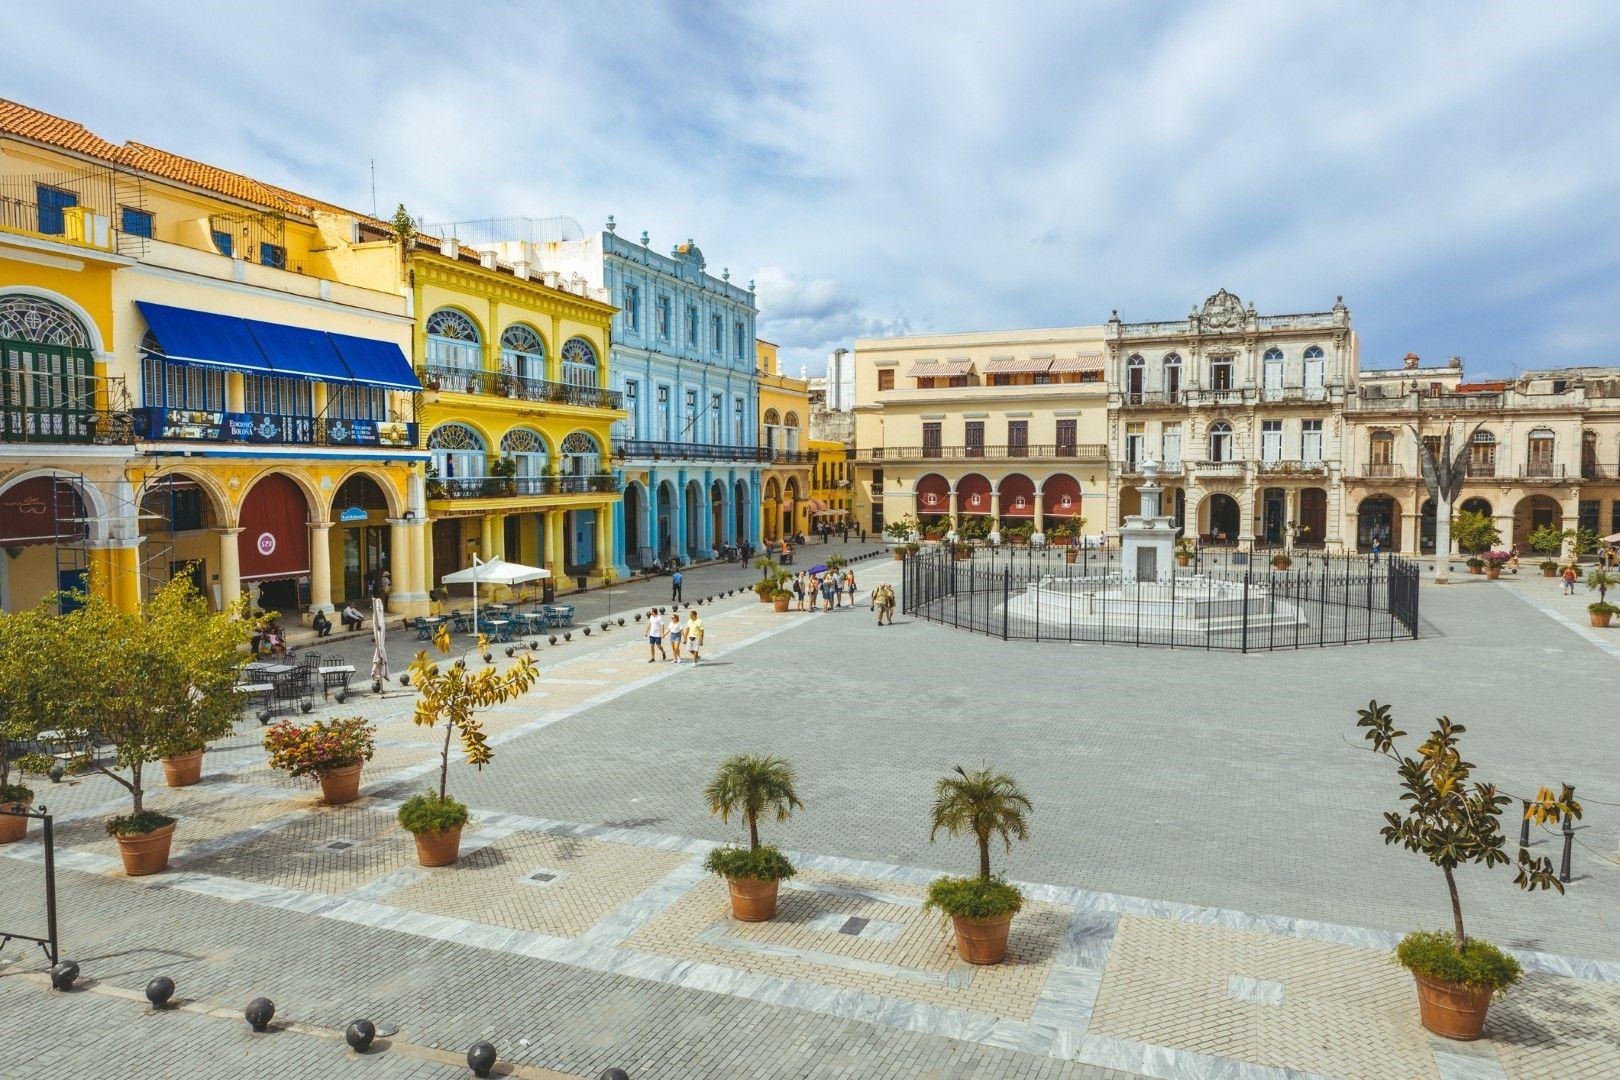 """Площад """"Пласа Виеха"""" в Хавана, Куба"""